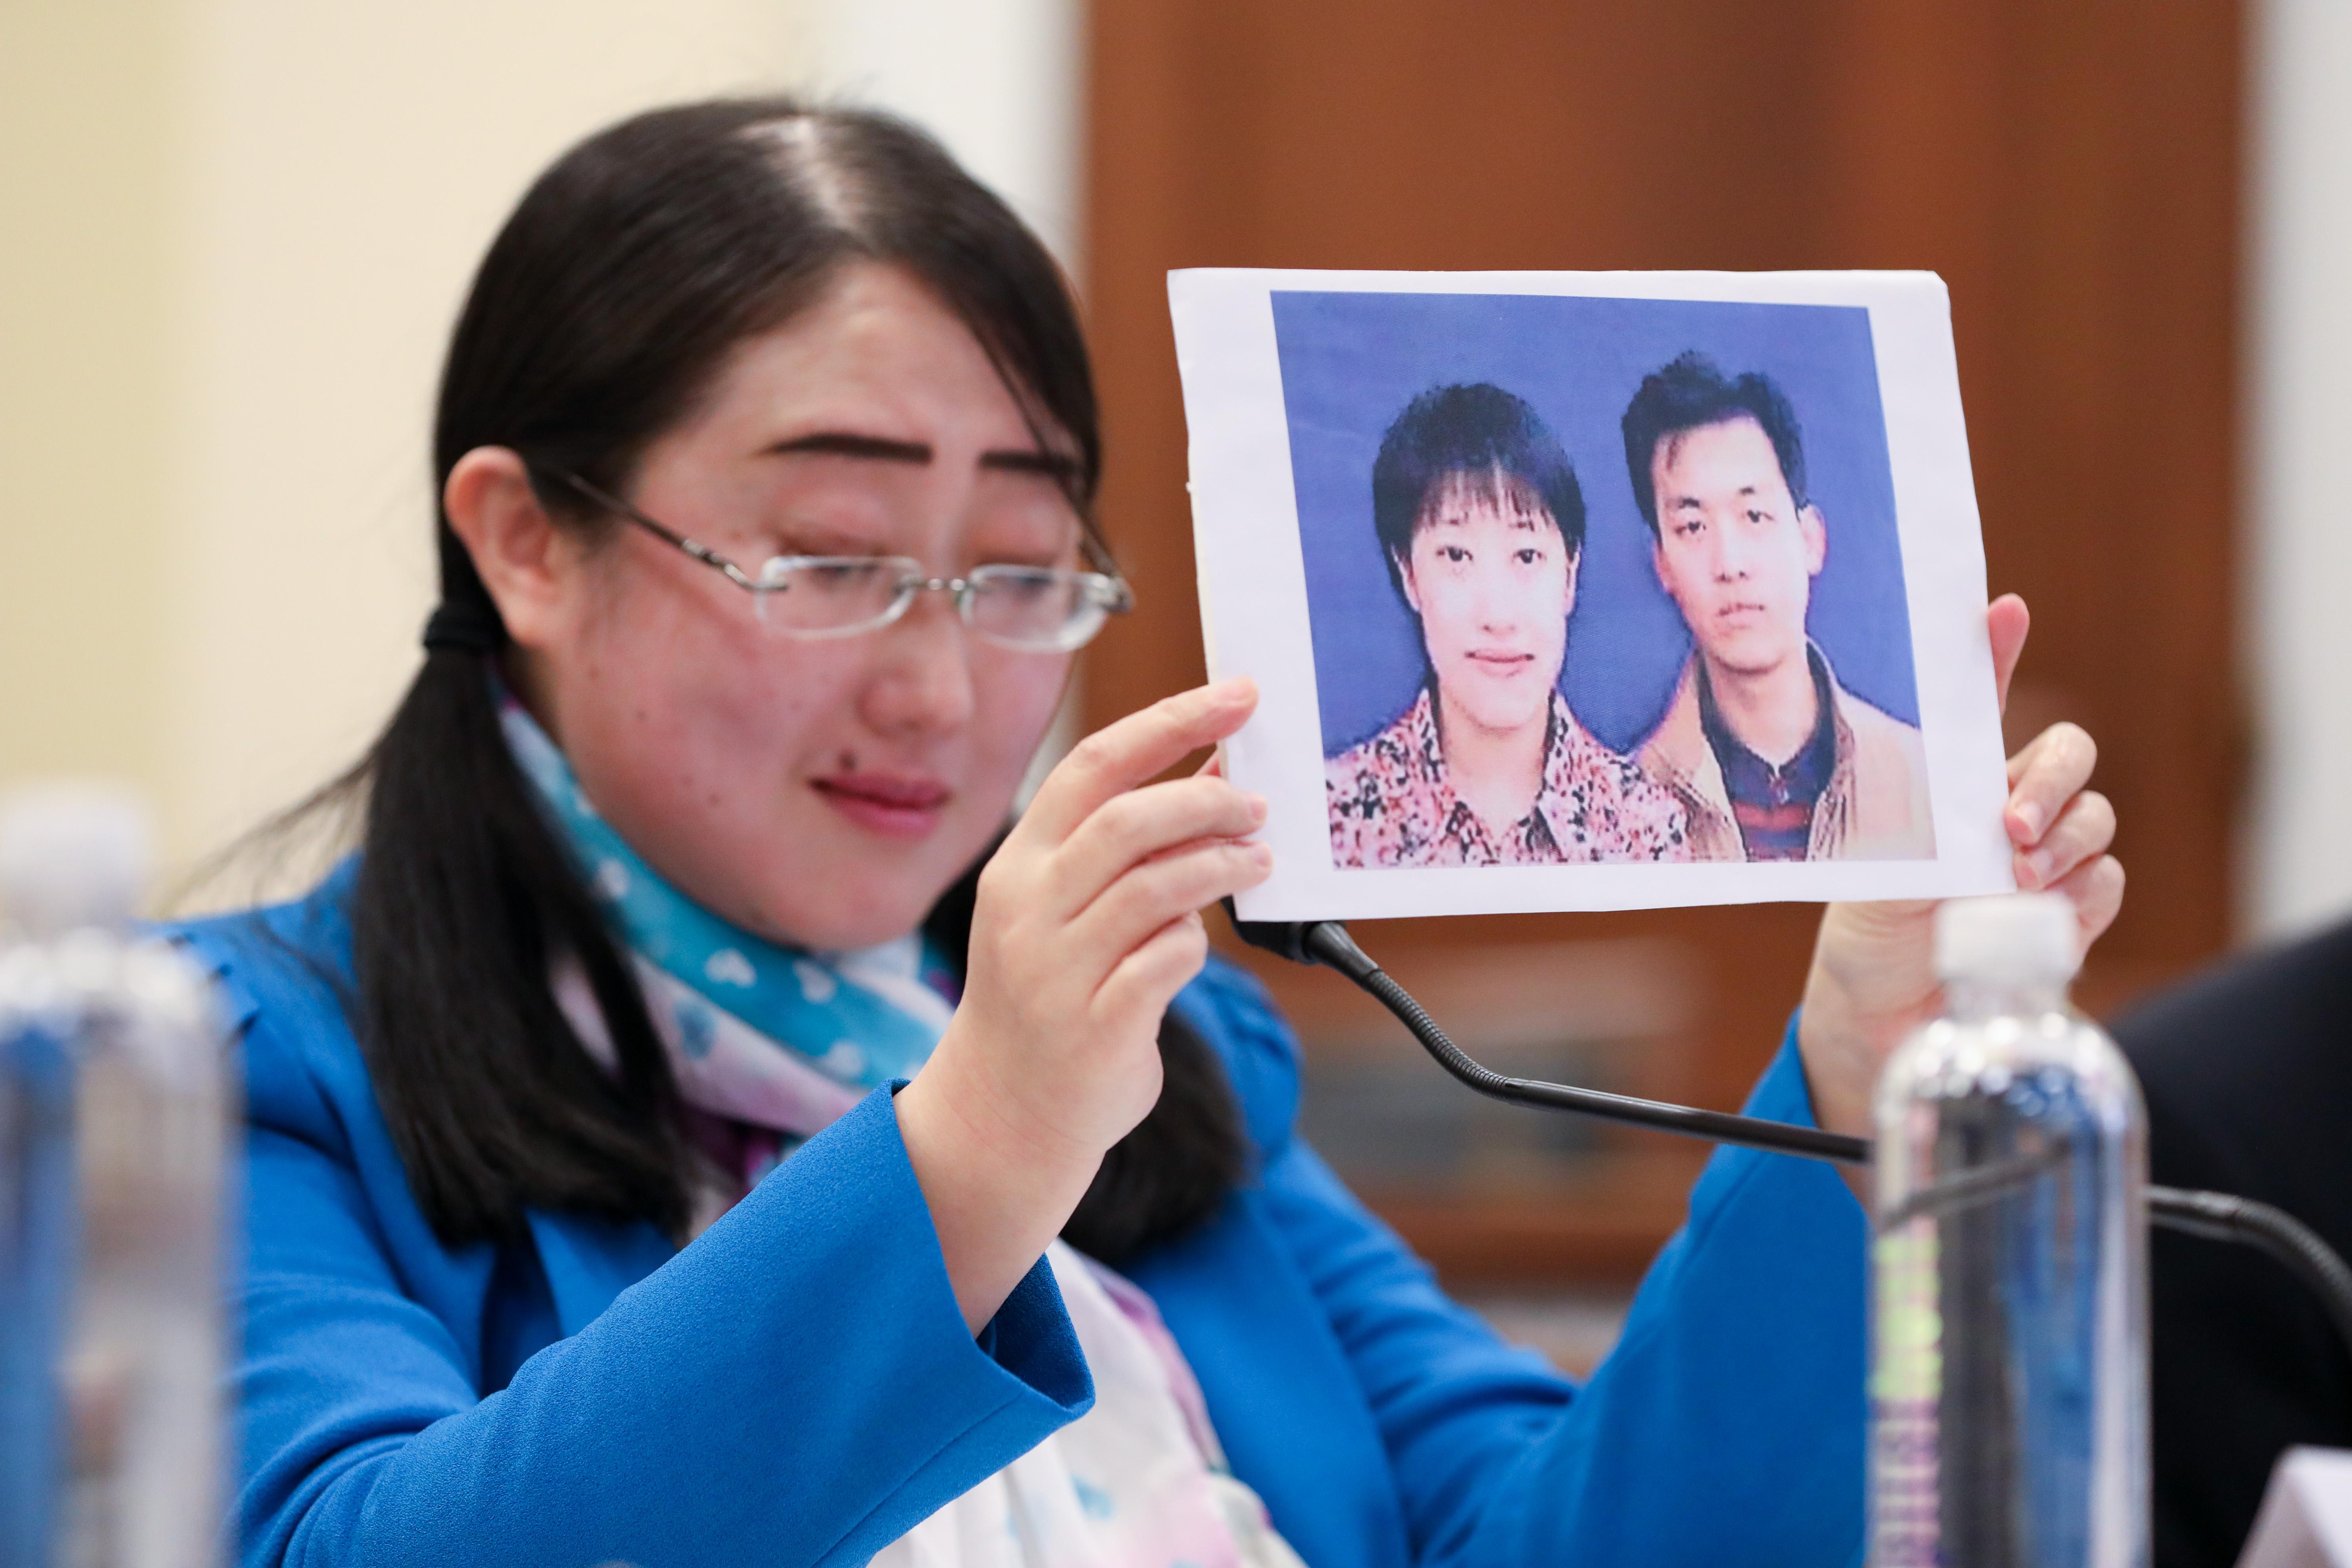 在中共的迫害下,法輪功學員楊春華經歷了家破人亡的慘劇,身心遭受重創。 (Samira Bouaou/大紀元)